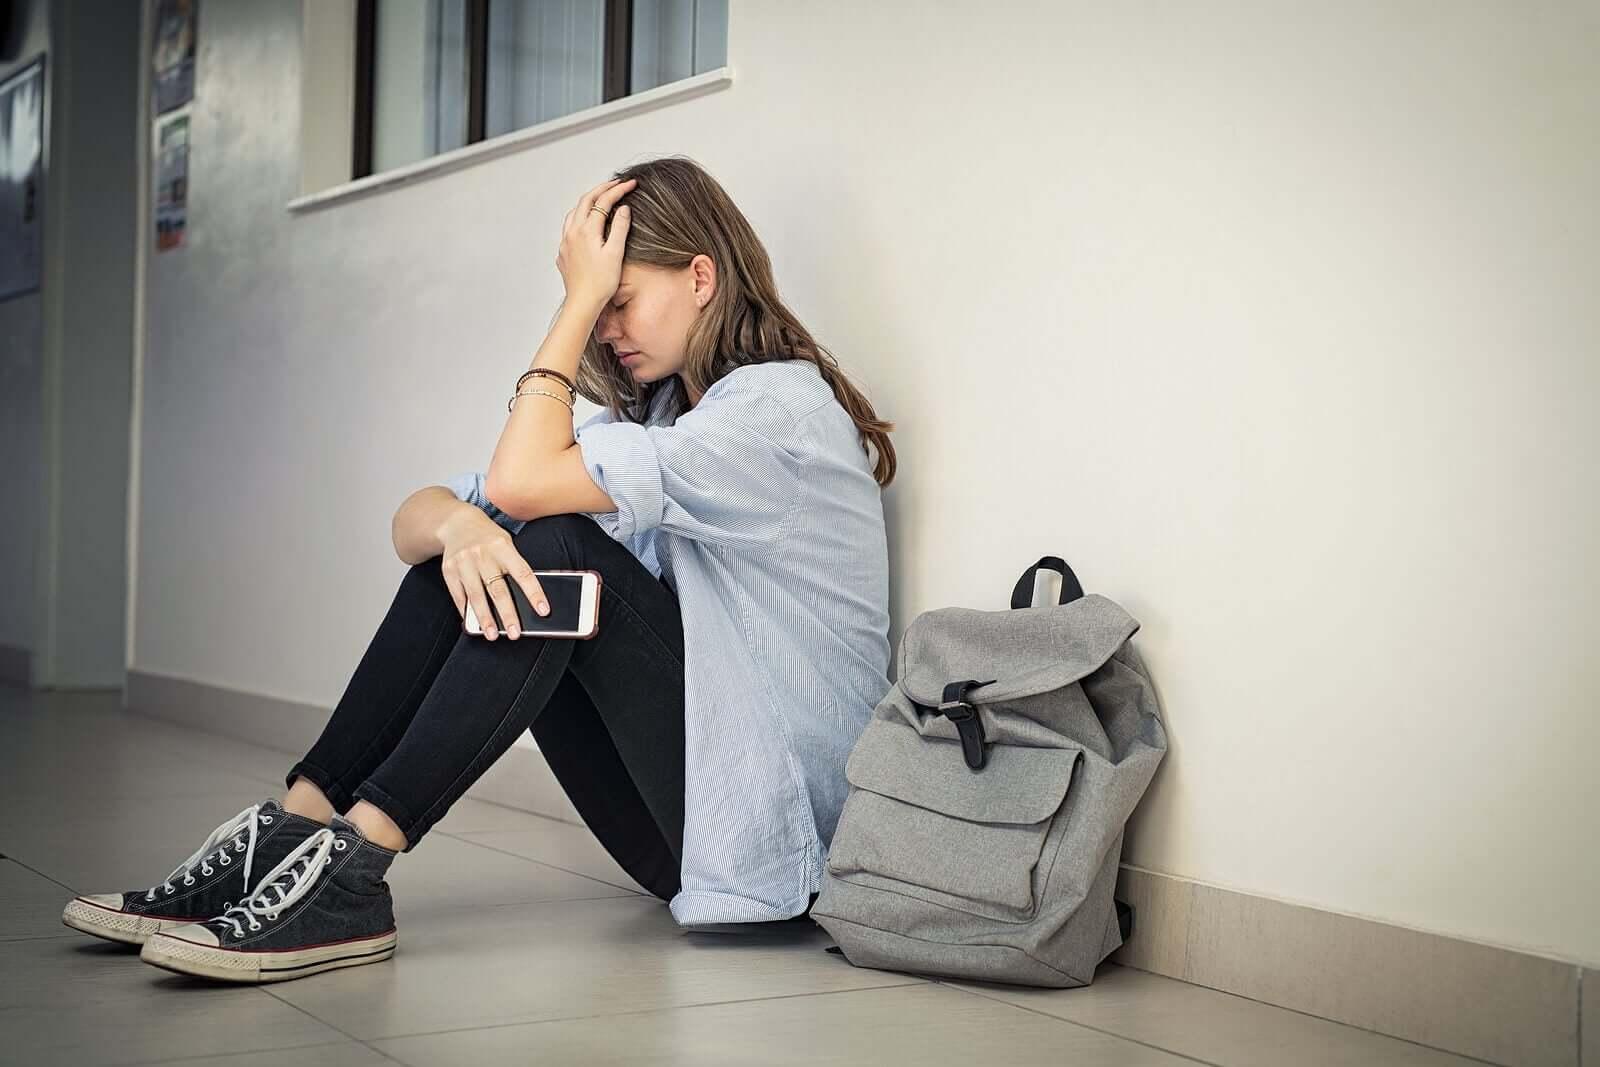 O que um professor deve fazer diante do bullying escolar?